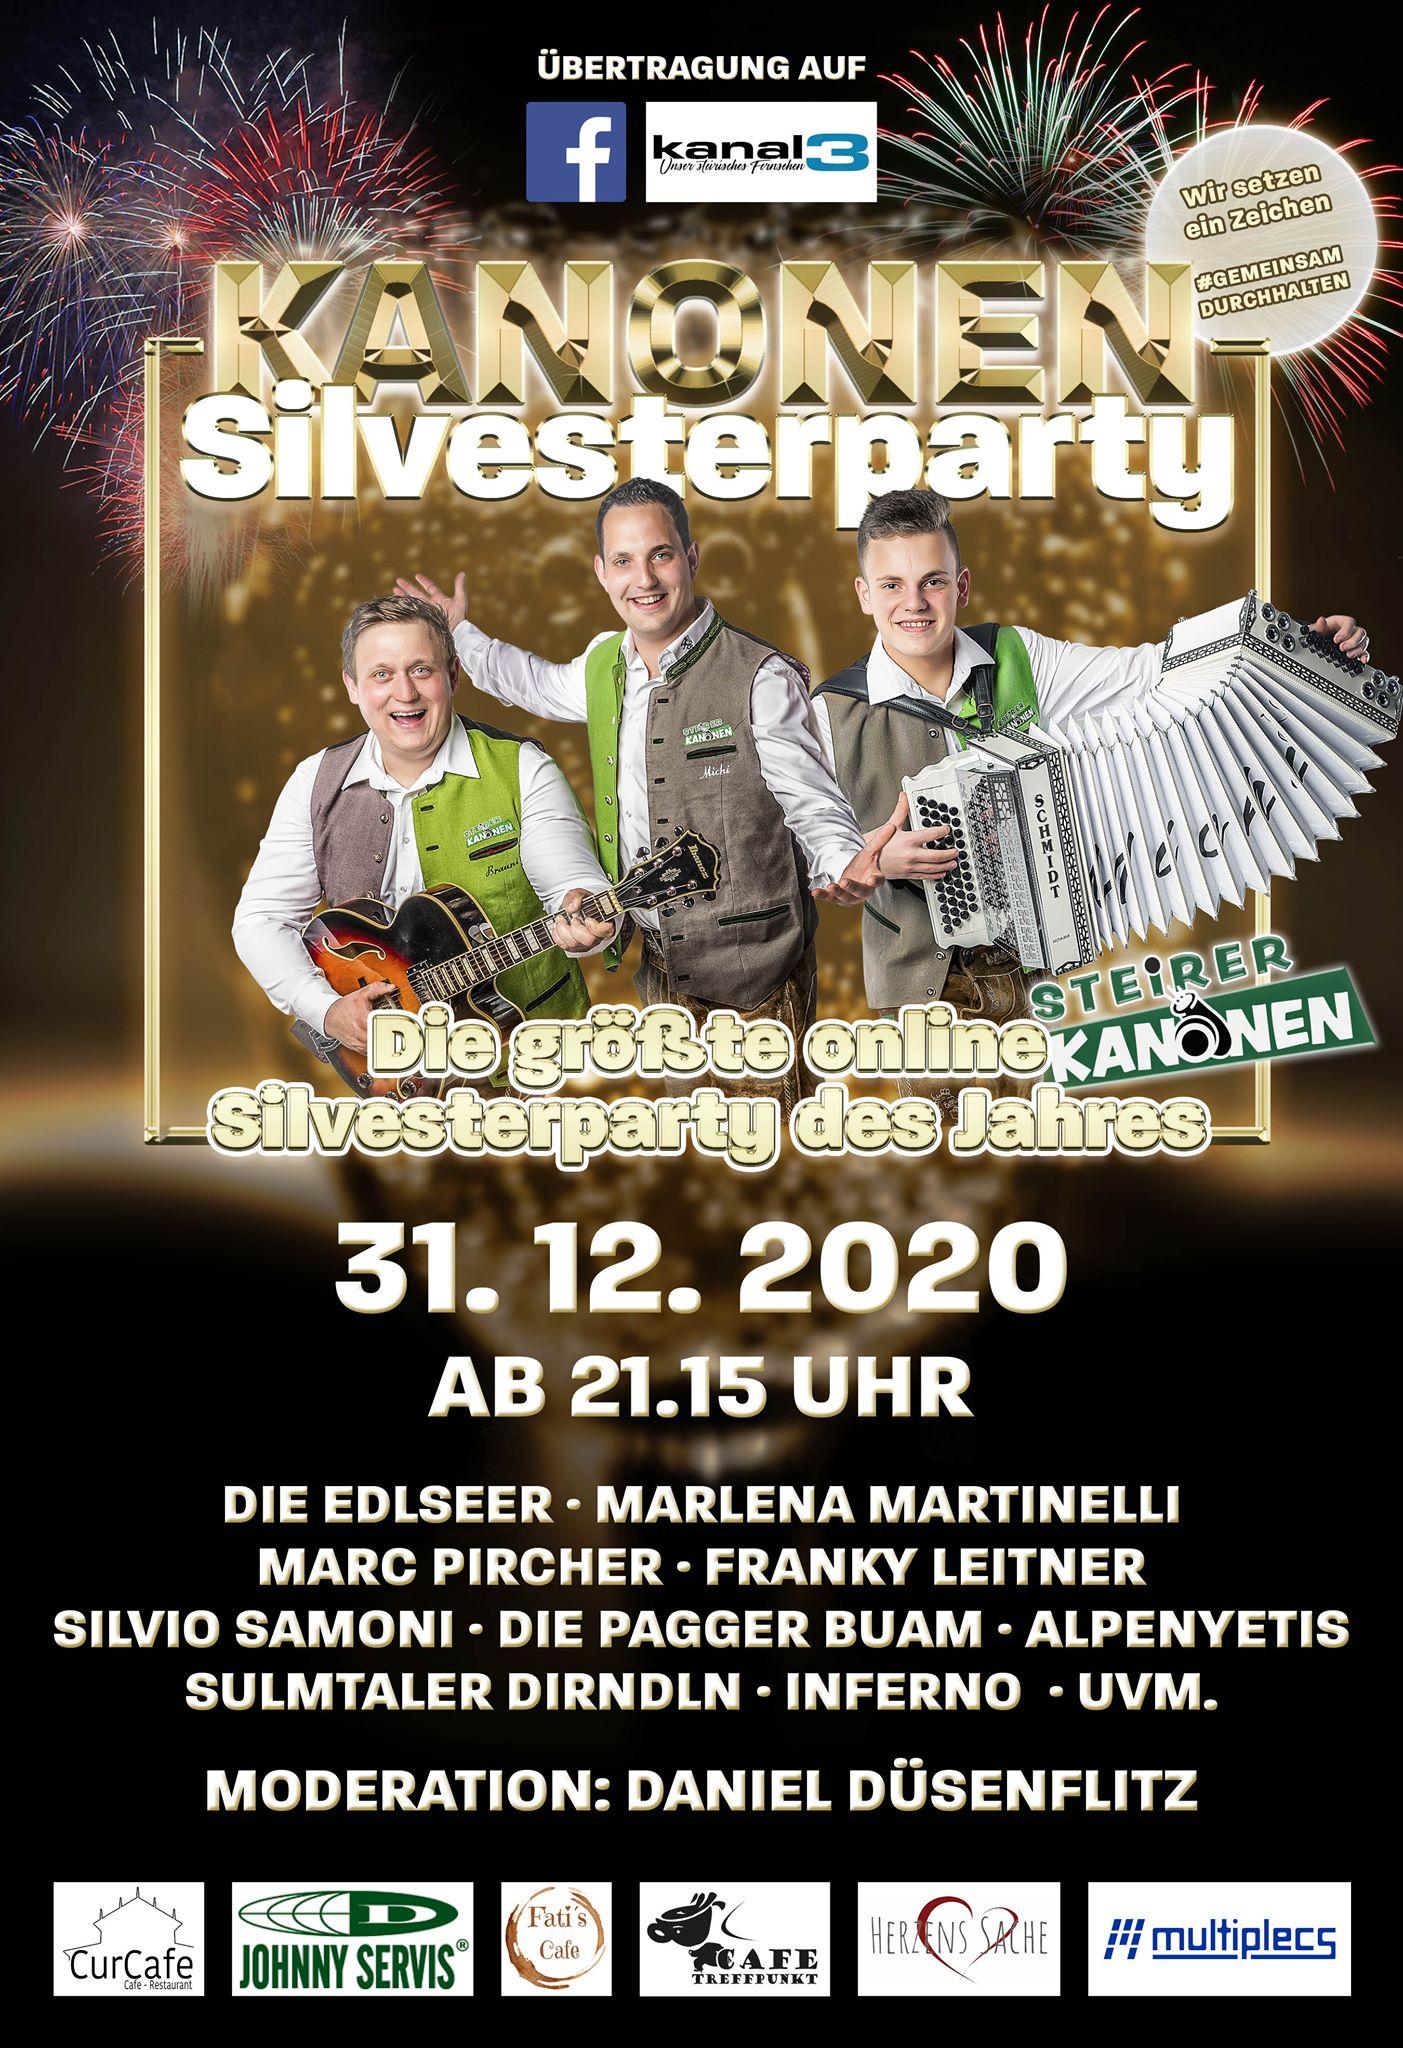 31.12.2020 Silvesterparty ab 21:15 Uhr Übertragung auf Facebook/Kanal3